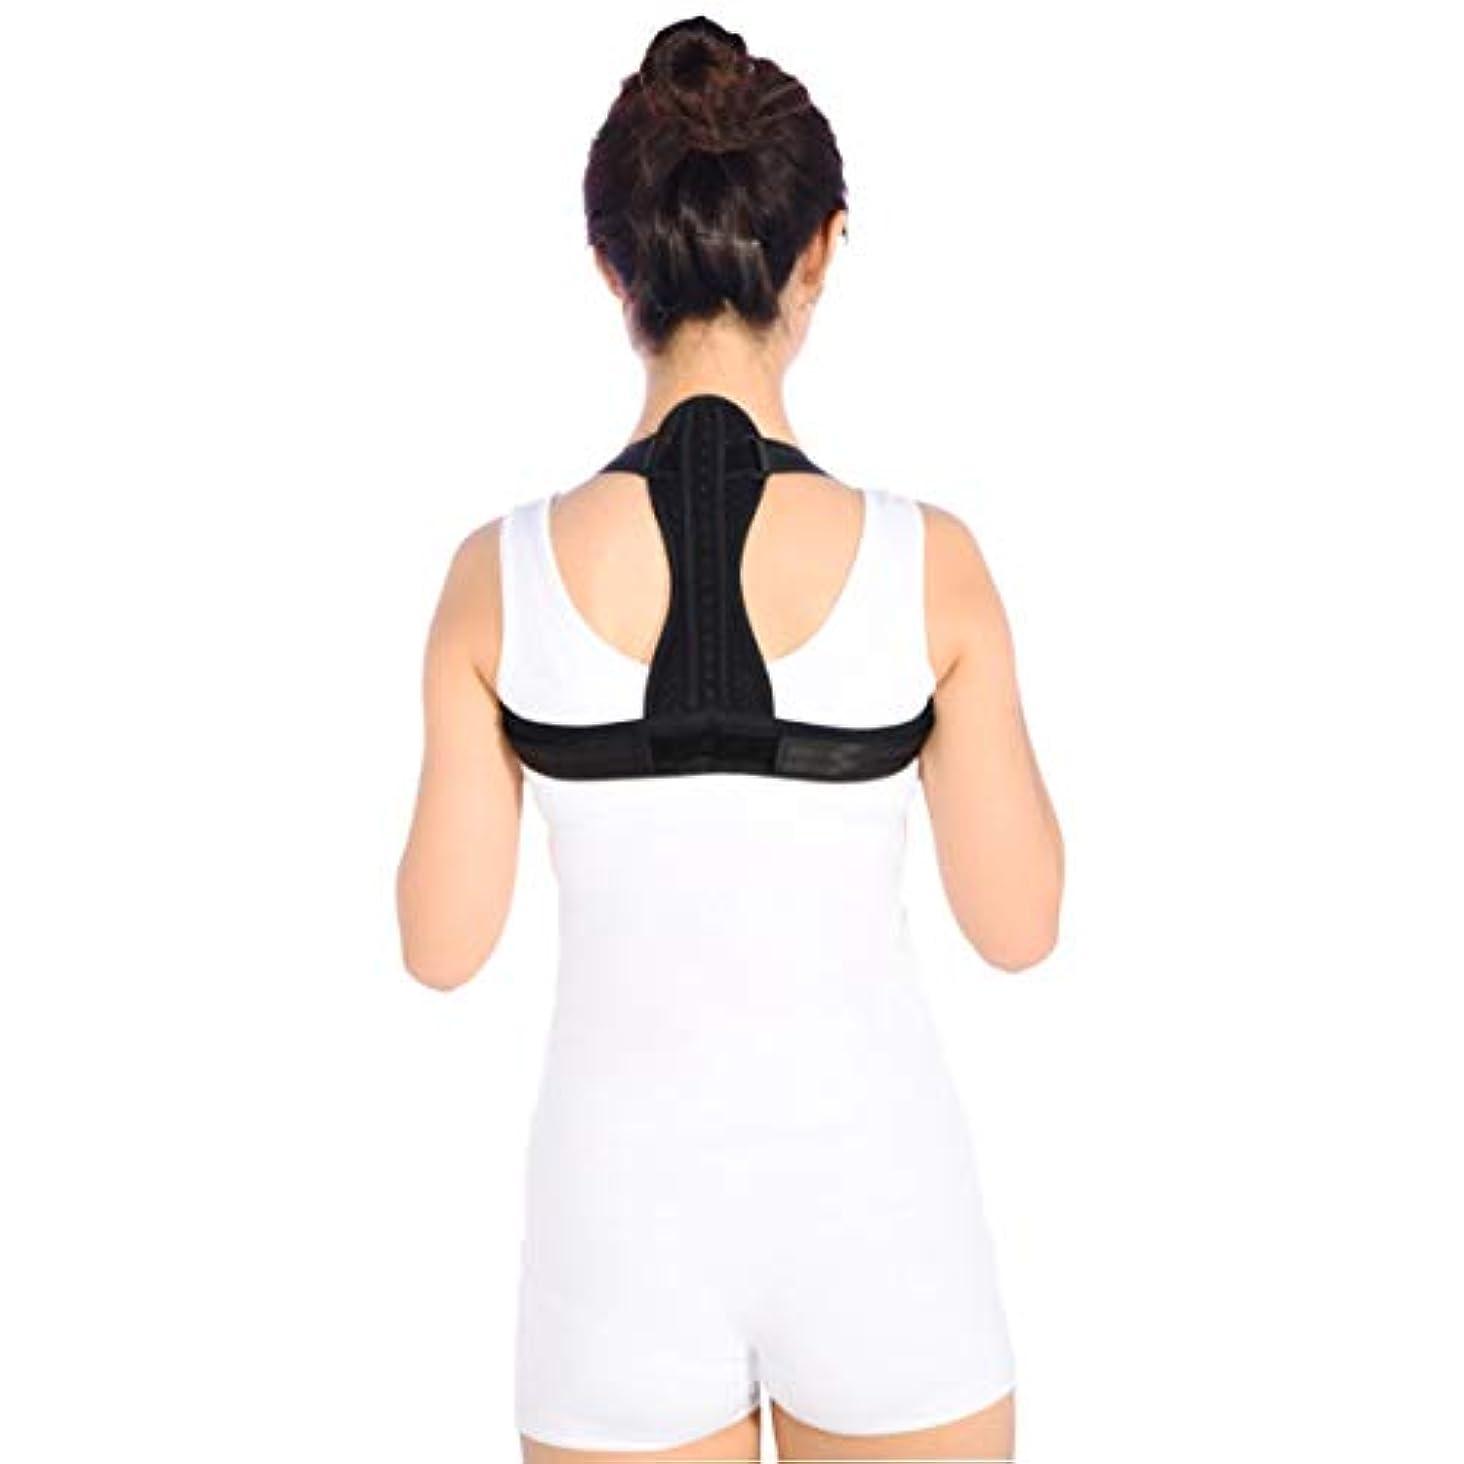 バウンド農業阻害する通気性の脊柱側弯症ザトウクジラ補正ベルト調節可能な快適さ目に見えないベルト男性女性大人学生子供 - 黒